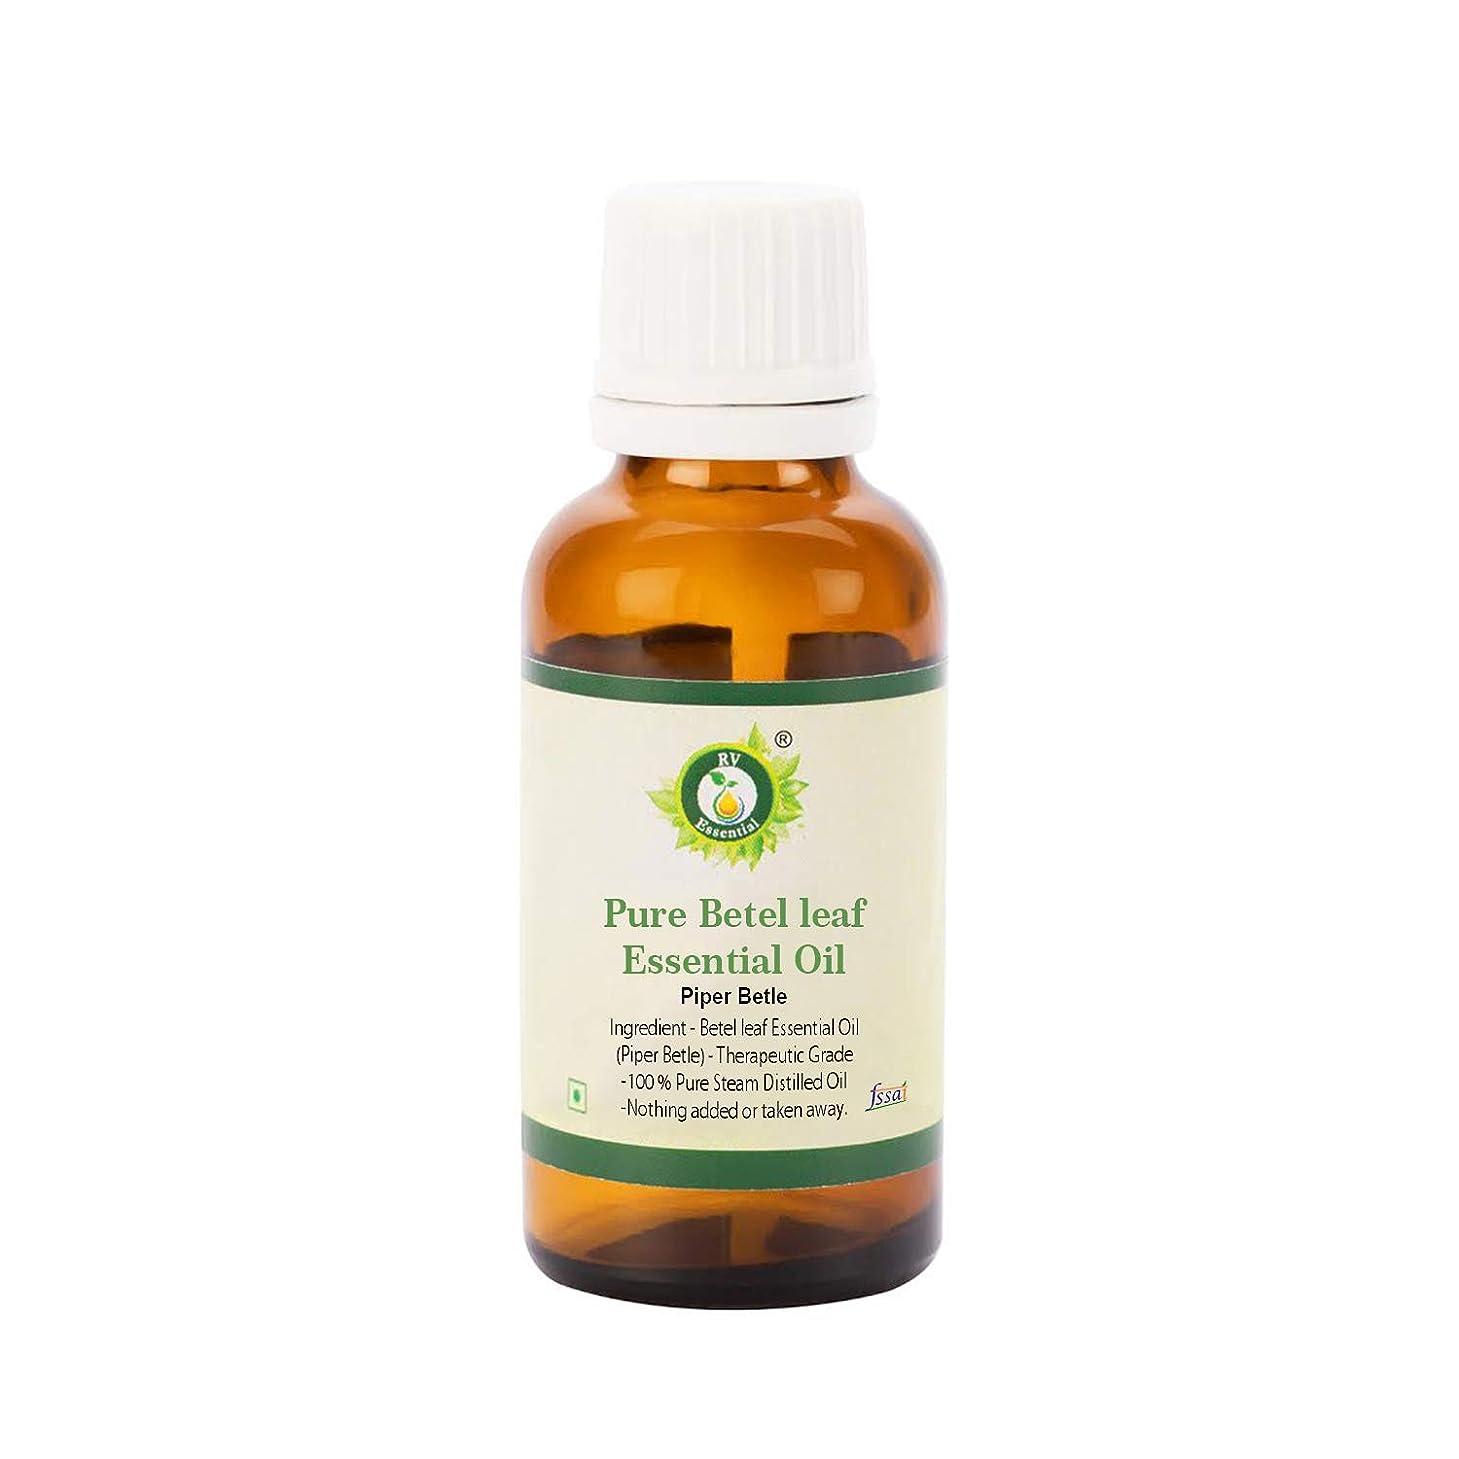 データ食事を調理する遊び場R V Essential ピュアBetel葉エッセンシャルオイル10ml (0.338oz)- Piper Betle (100%純粋&天然スチームDistilled) Pure Betel leaf Essential Oil